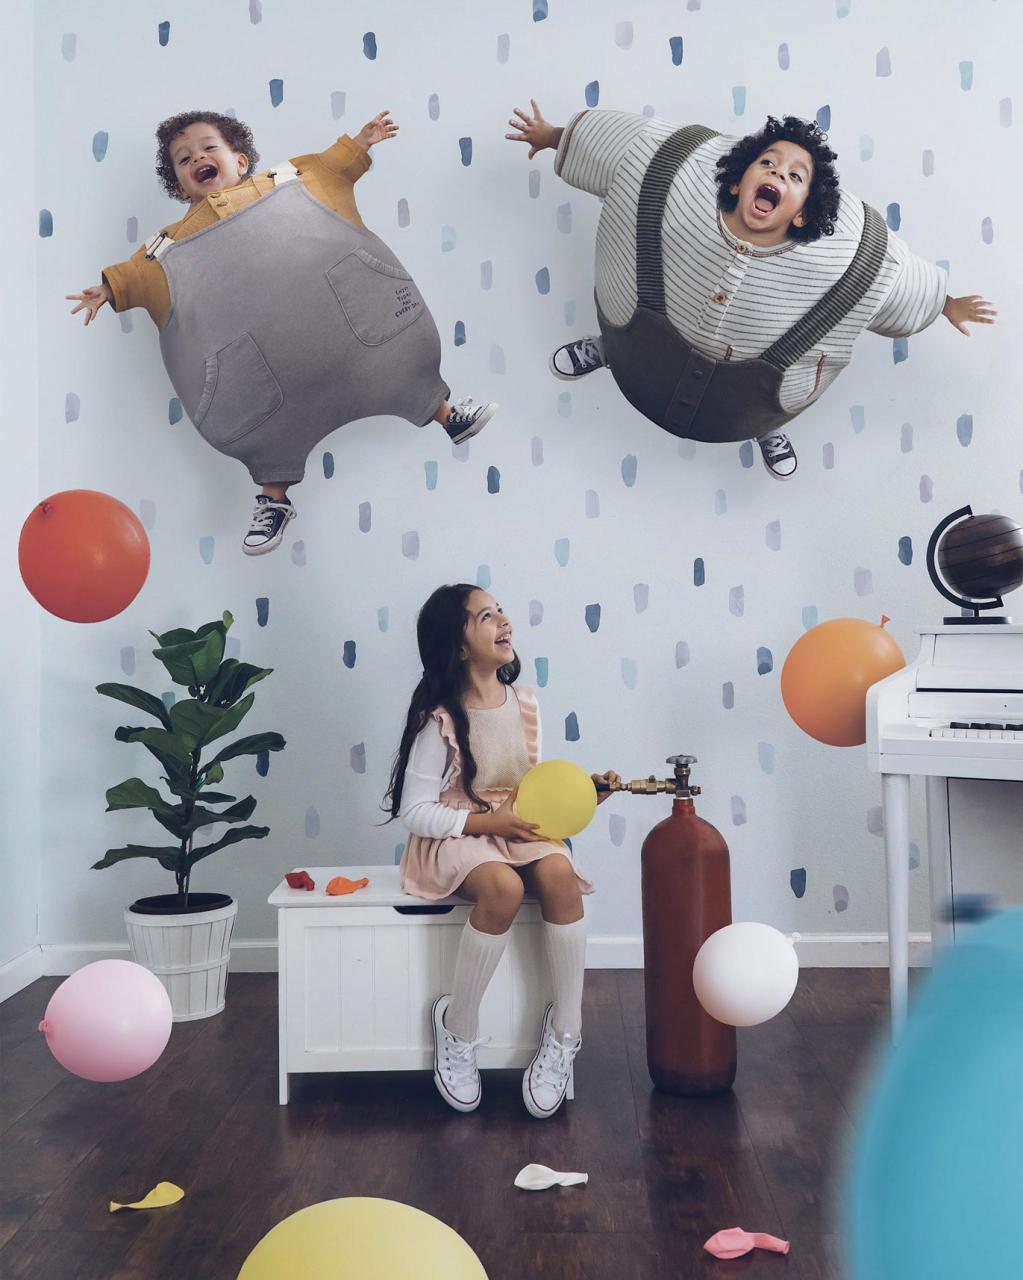 Vanessa Rivera 创意合成人像系列作品 时尚图库 第17张